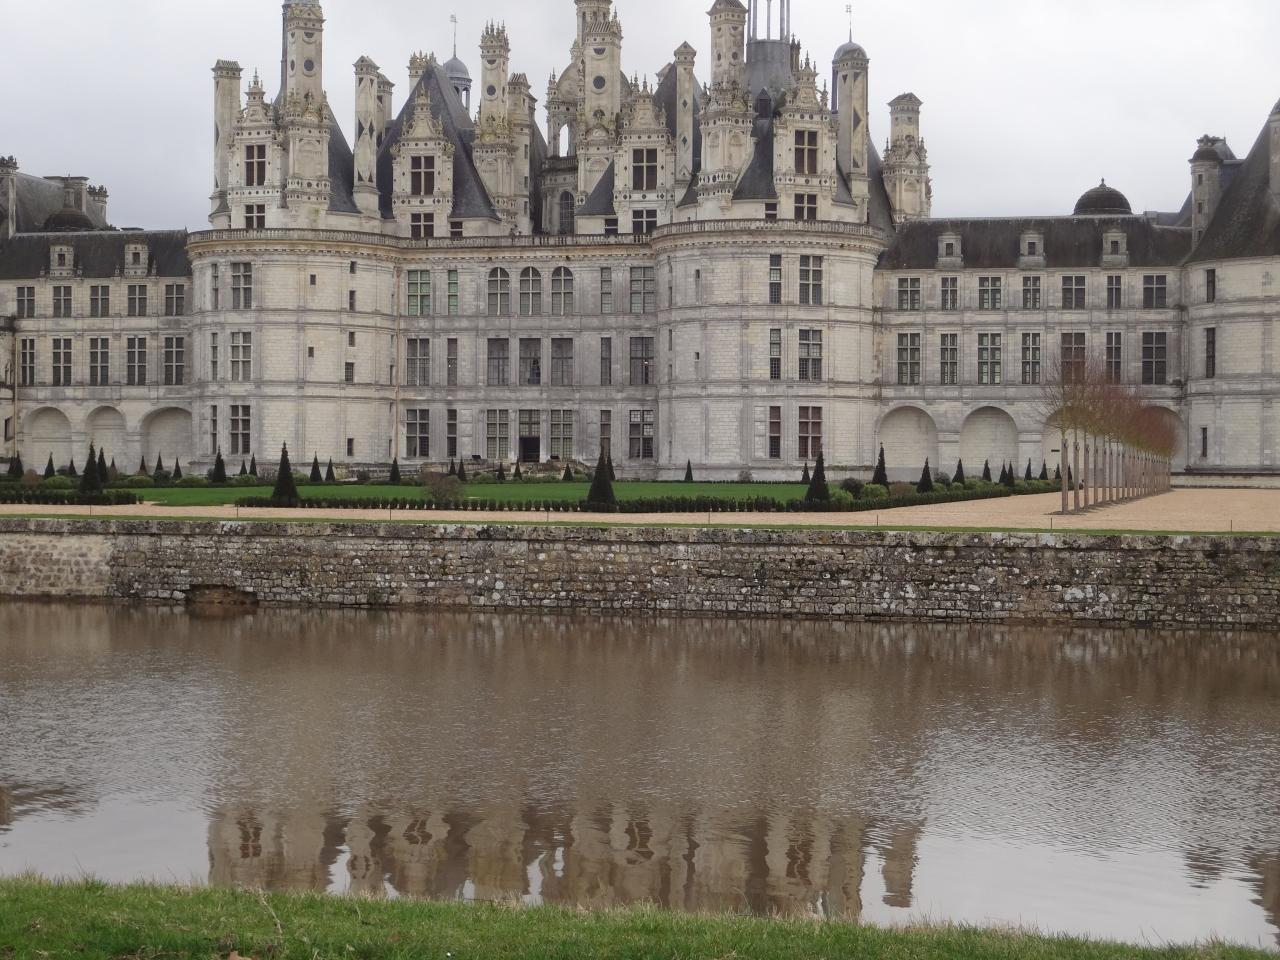 シャンボール城の画像 p1_38